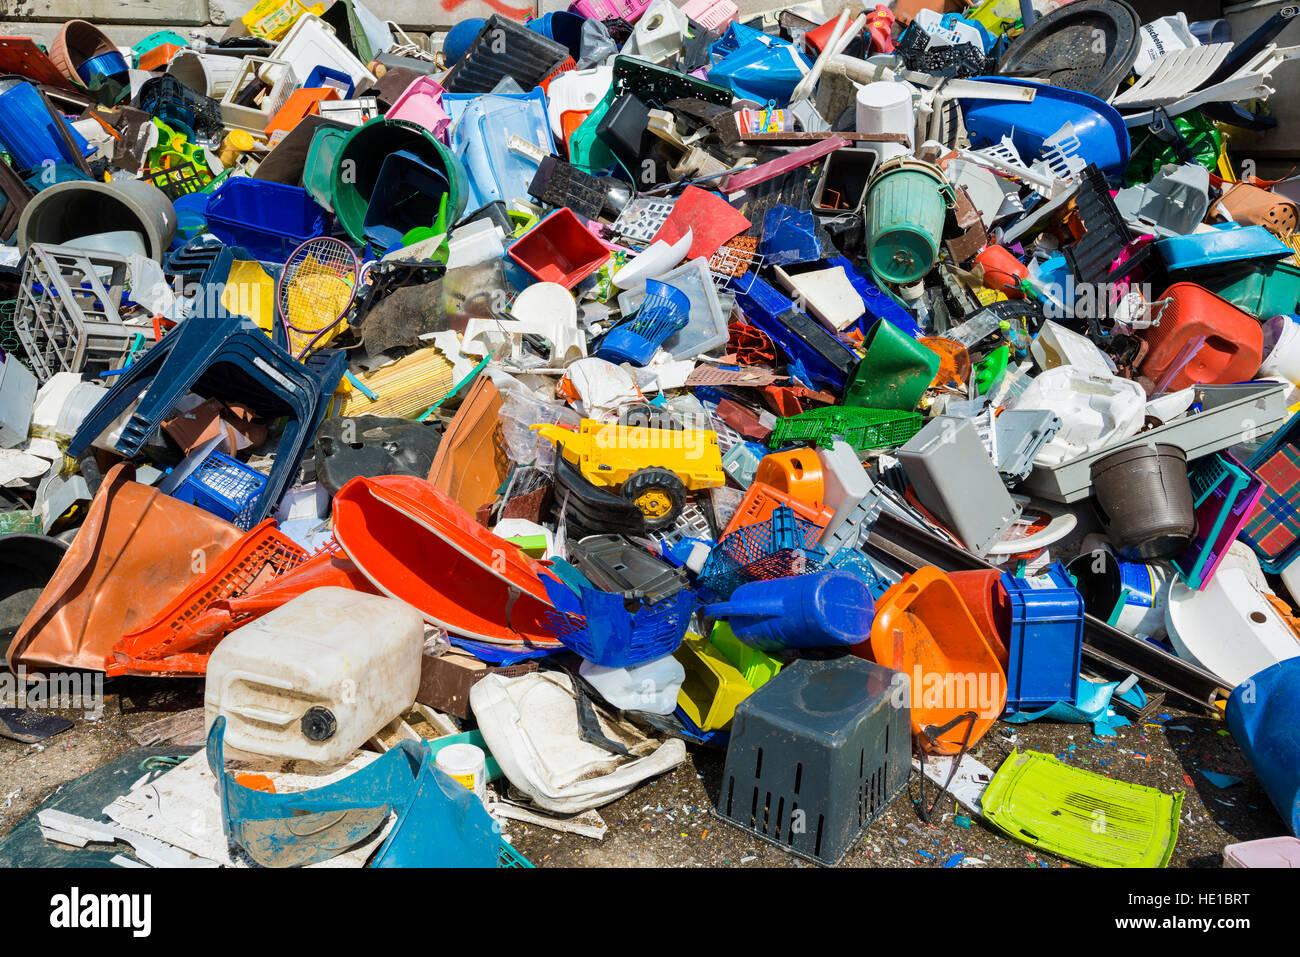 Spazzatura colorati, i rifiuti plastici ordinati per il riciclaggio Immagini Stock